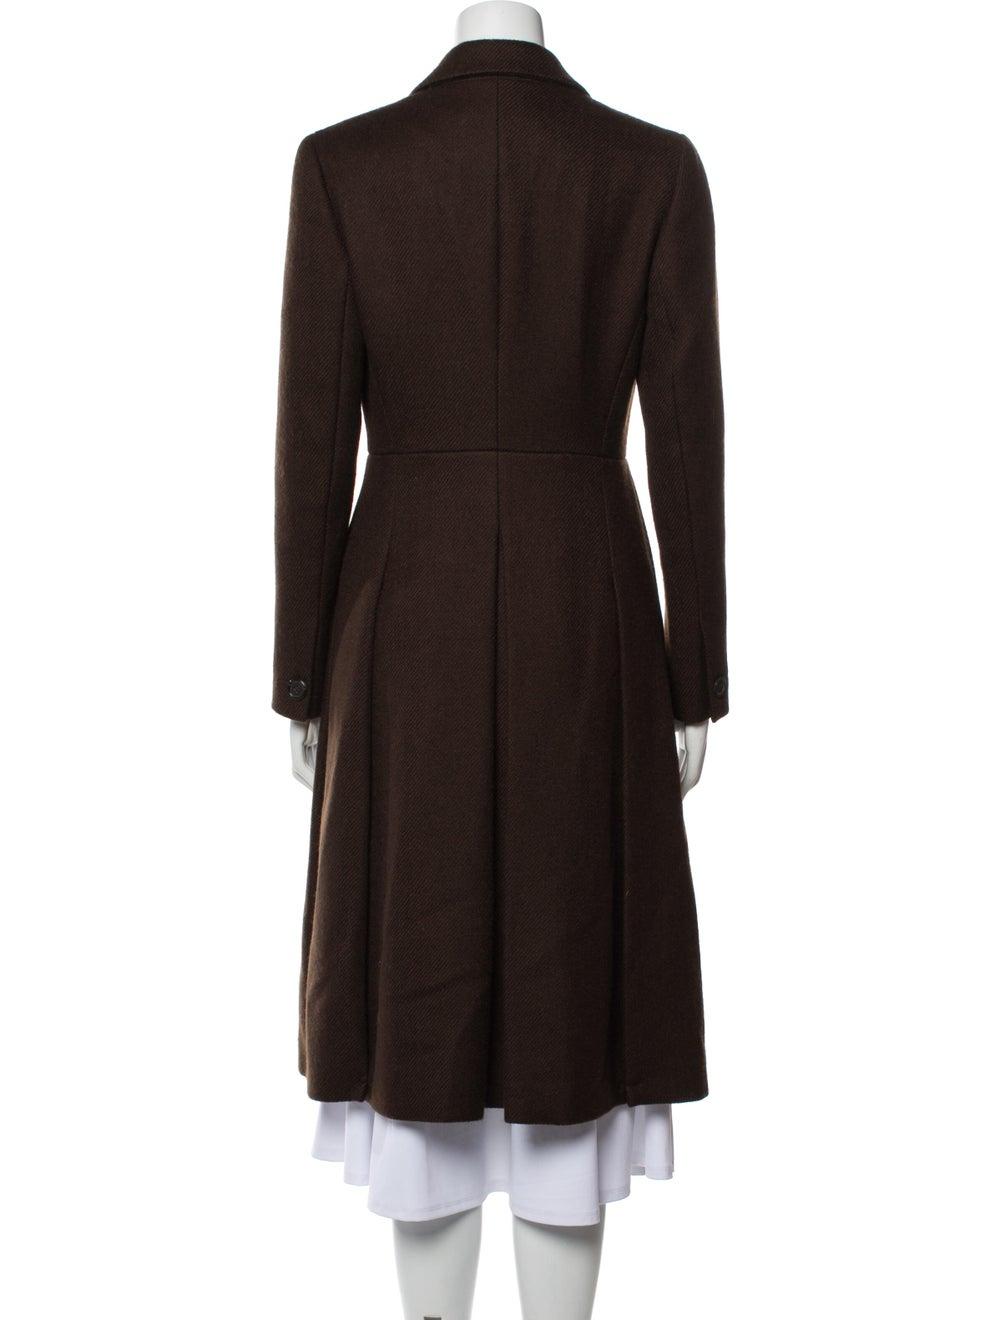 Prada Wool Peacoat Wool - image 3